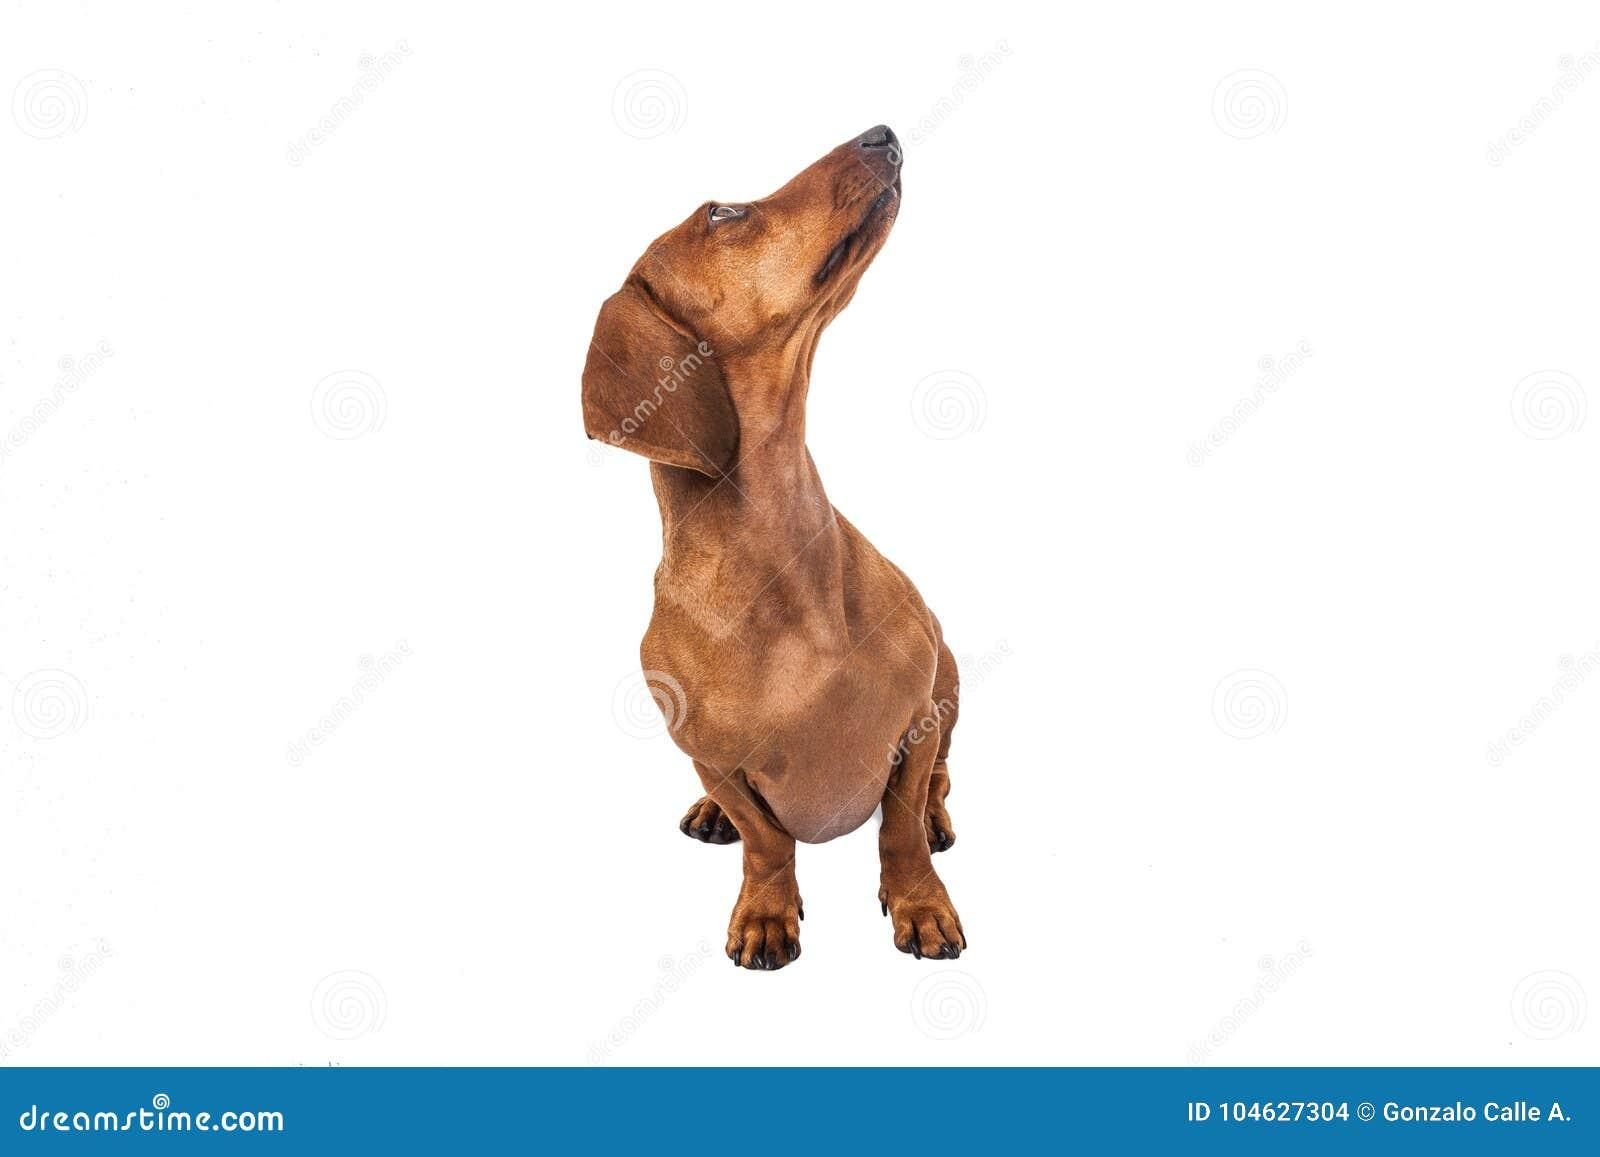 Download De Hond Van De Tekkel Die Over Witte Achtergrond Wordt Geïsoleerdh Stock Foto - Afbeelding bestaande uit snuit, hond: 104627304